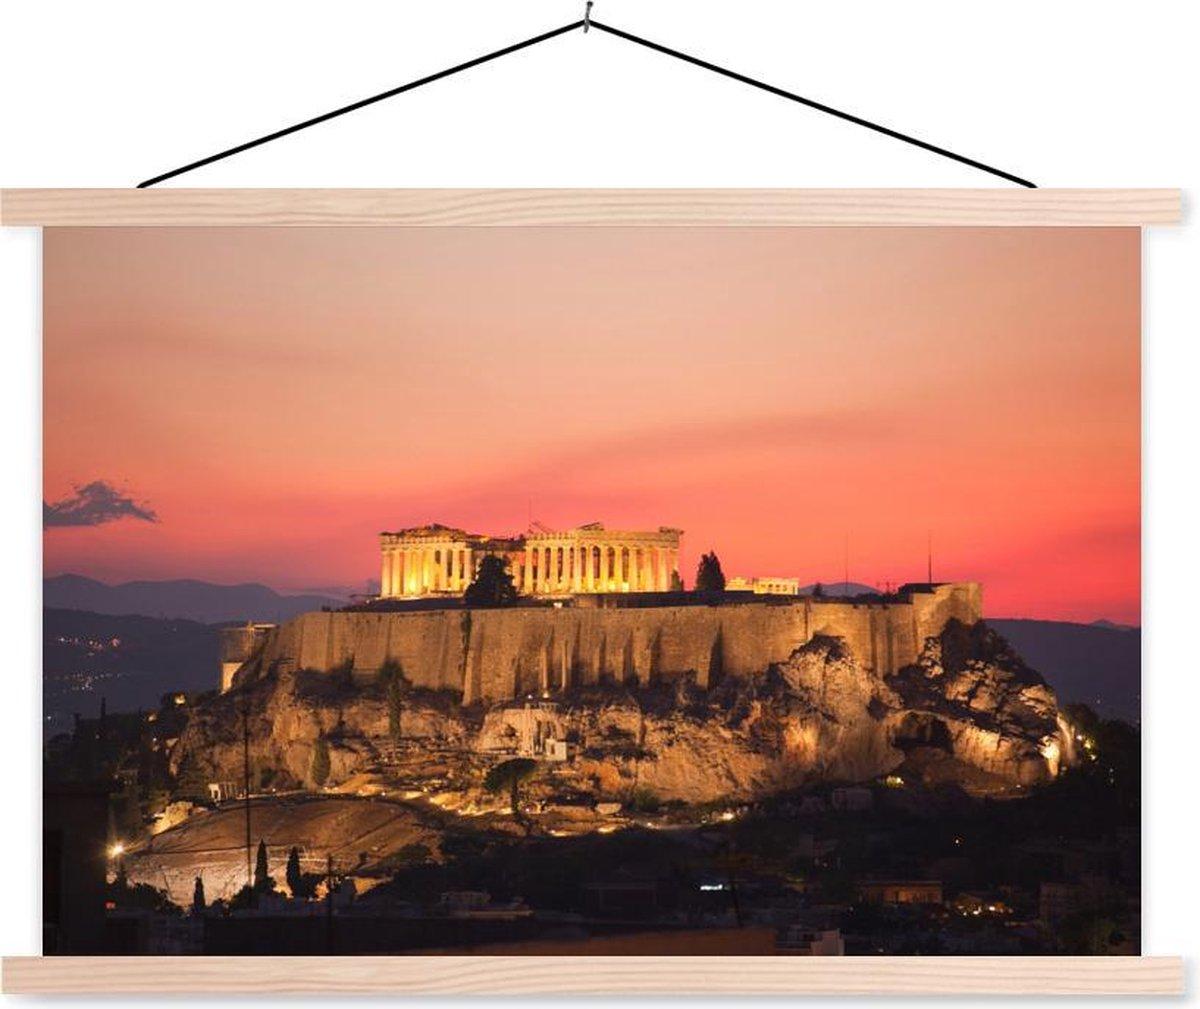 Akropolis bij zonsondergang schoolplaat platte latten blank 120x80 cm - Foto print op textielposter (wanddecoratie woonkamer/slaapkamer)